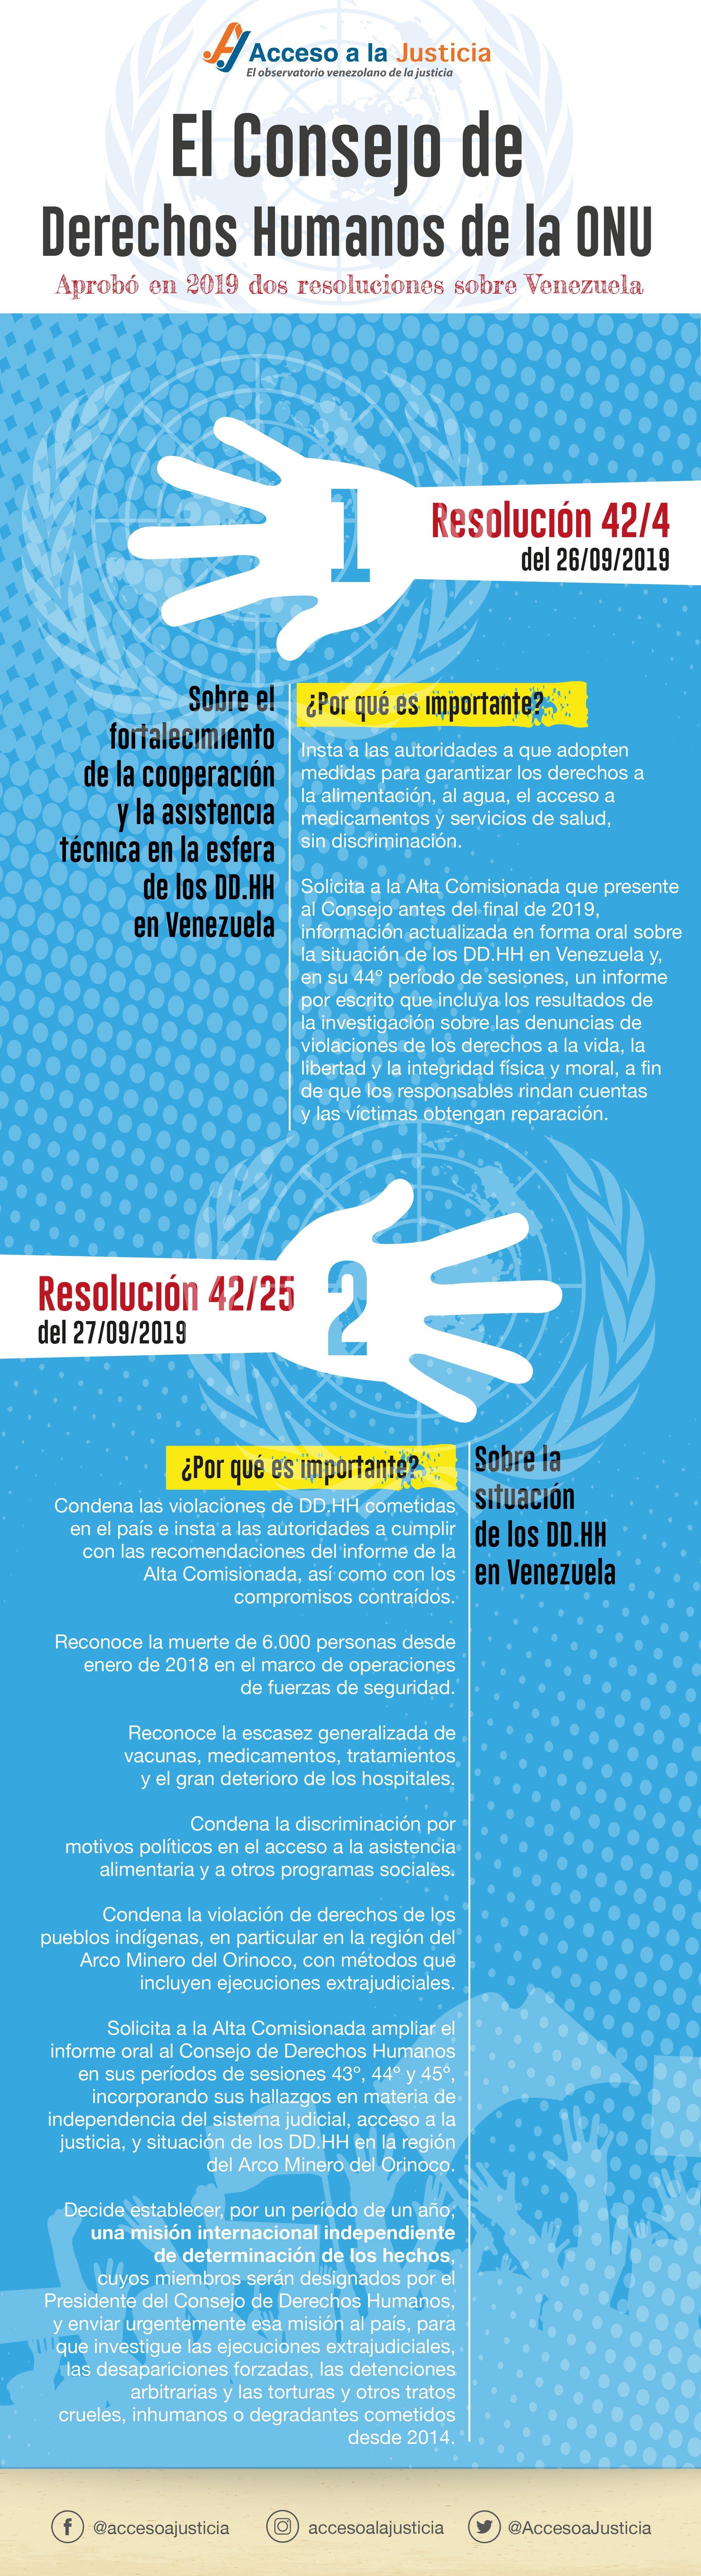 Venezuela bajo la lupa del Consejo de Derechos Humanos de la ONU